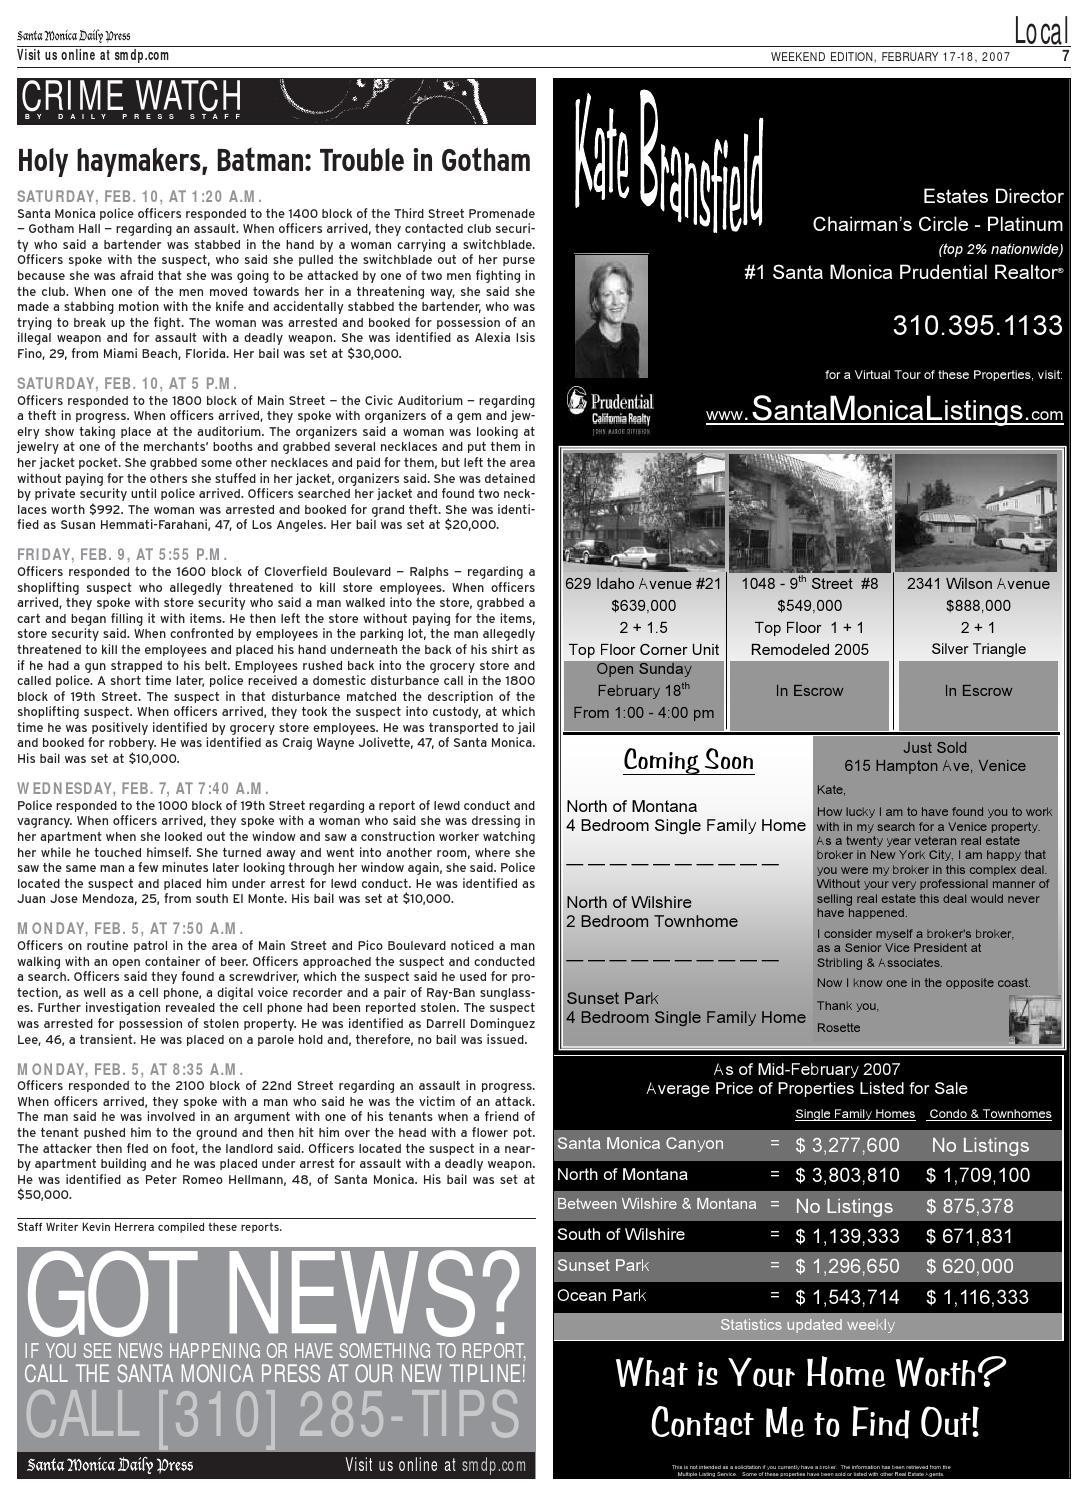 Santa Monica Daily Press, February 17, 2007 by Santa Monica Daily